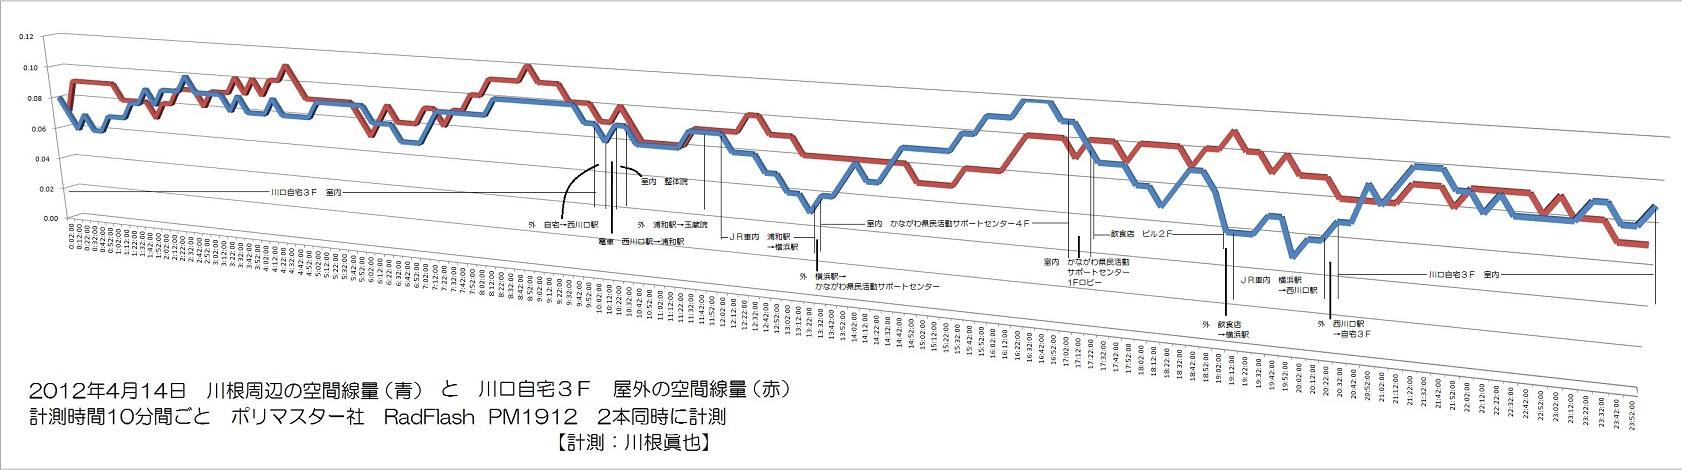 2012年4月14日 川根周辺と川口自宅3F外の空間線量の変化 RadFlash PM1912